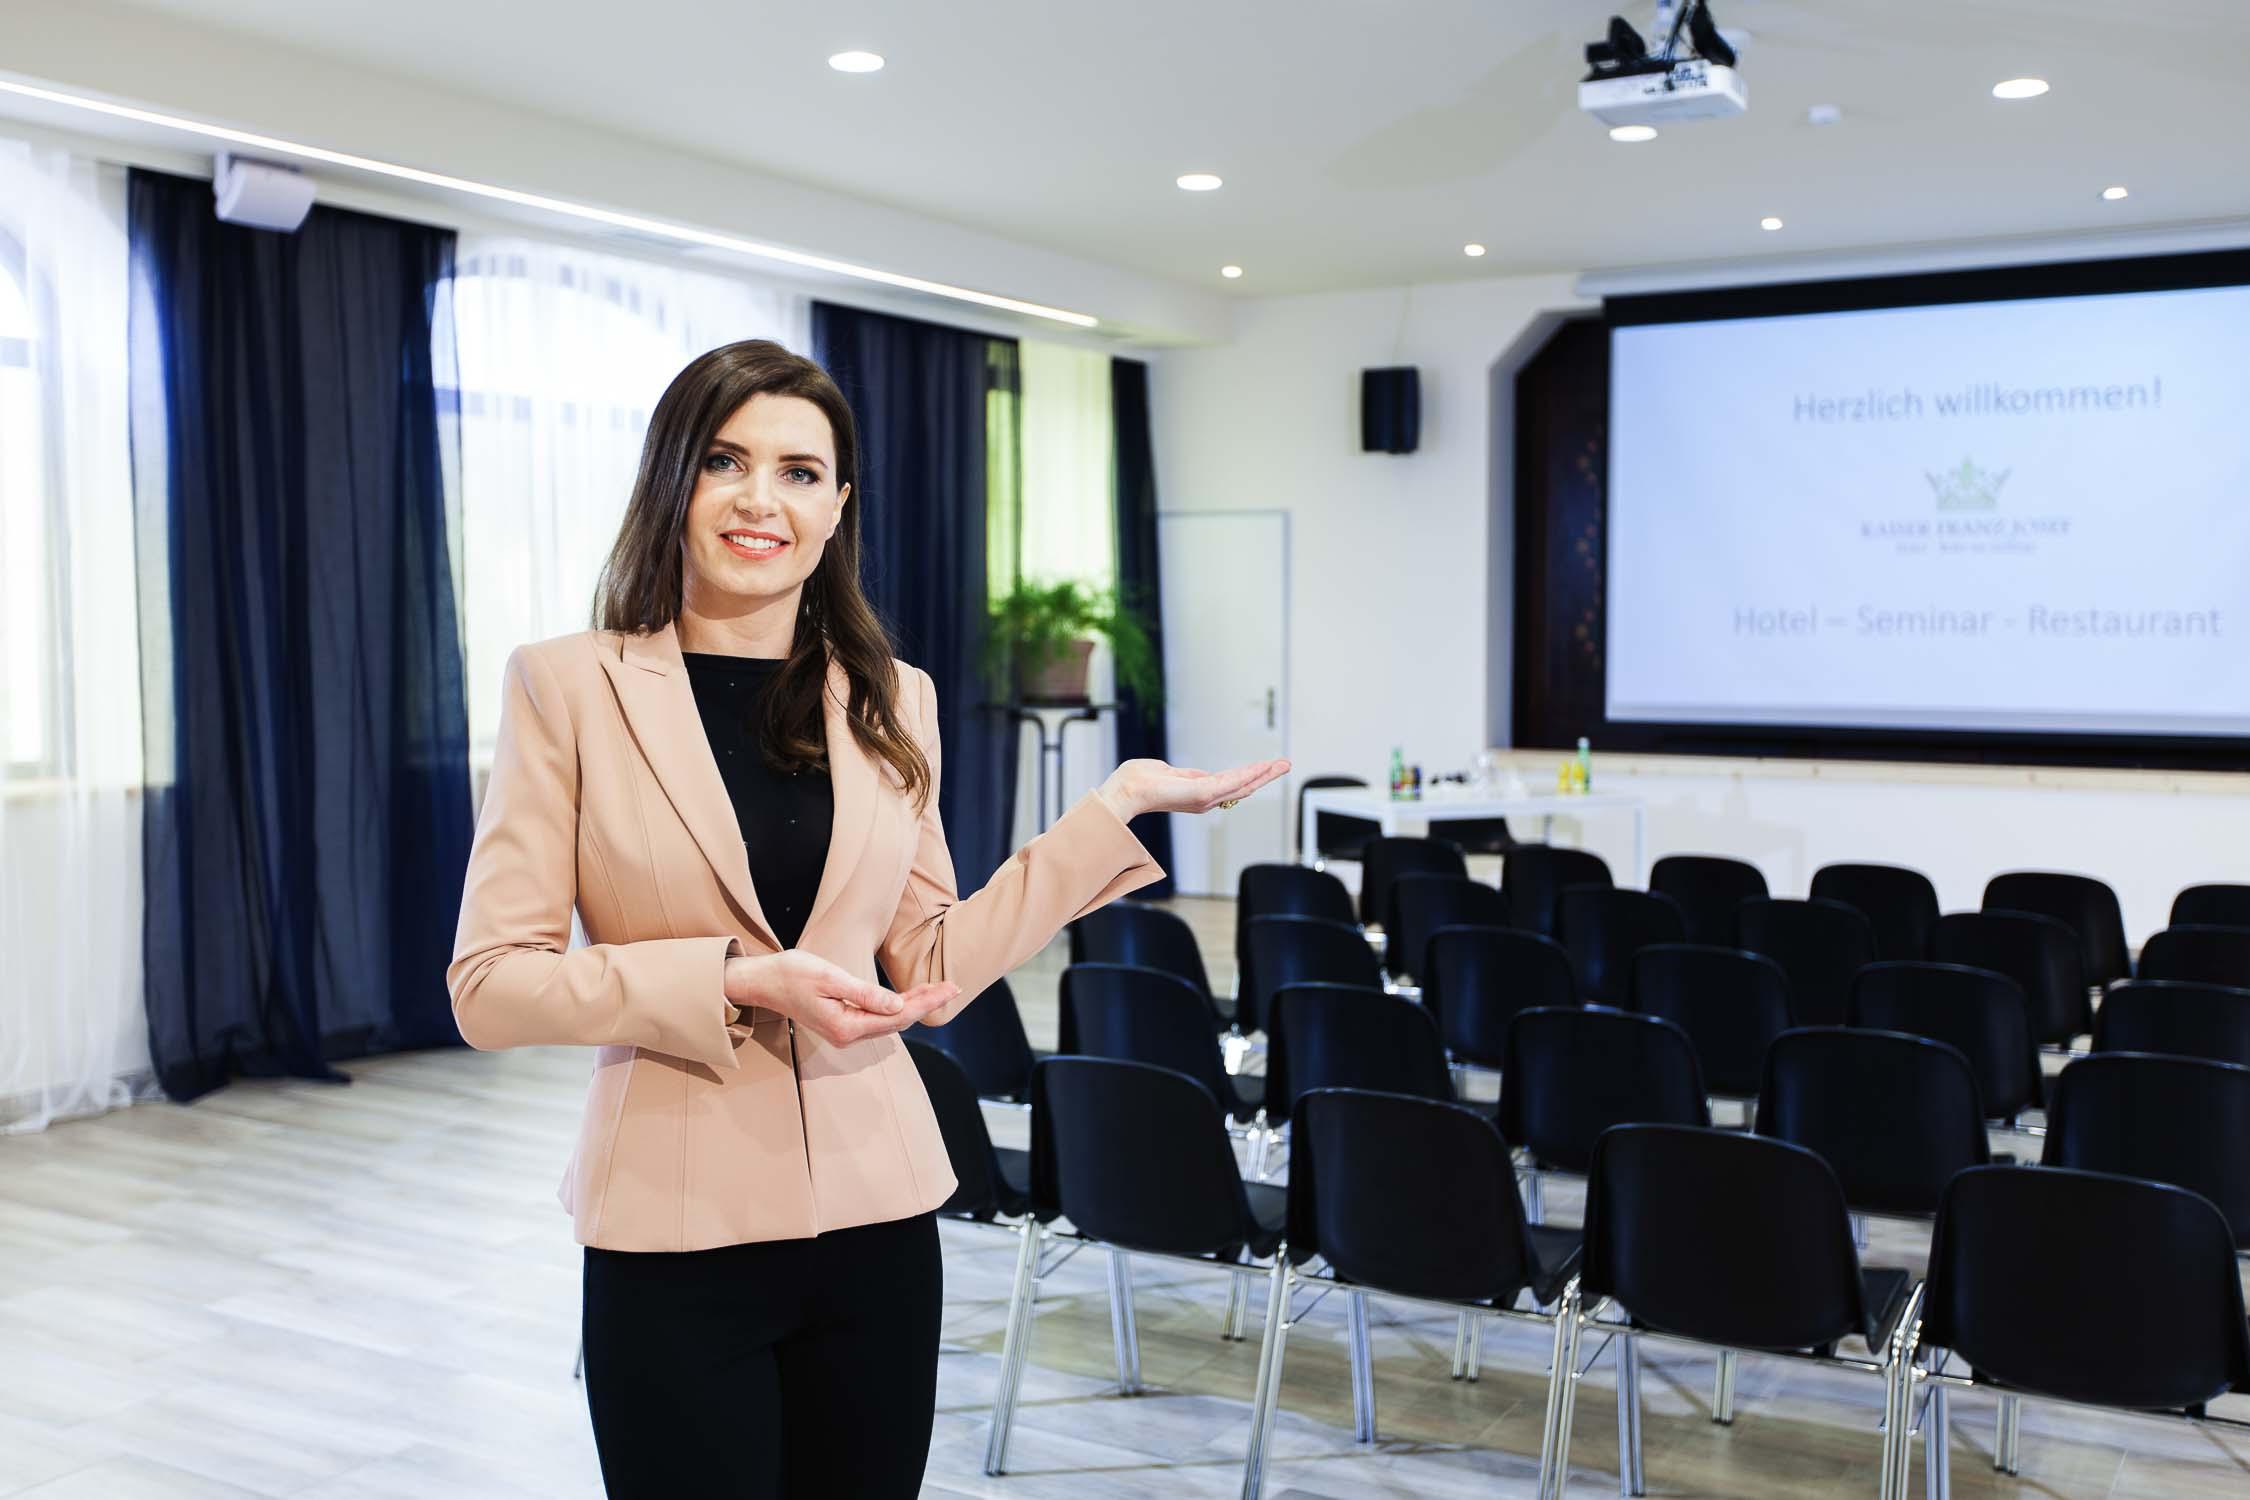 Hotelfotograf Businesshotel Konferenzraum mit Model0734-0100.jpg